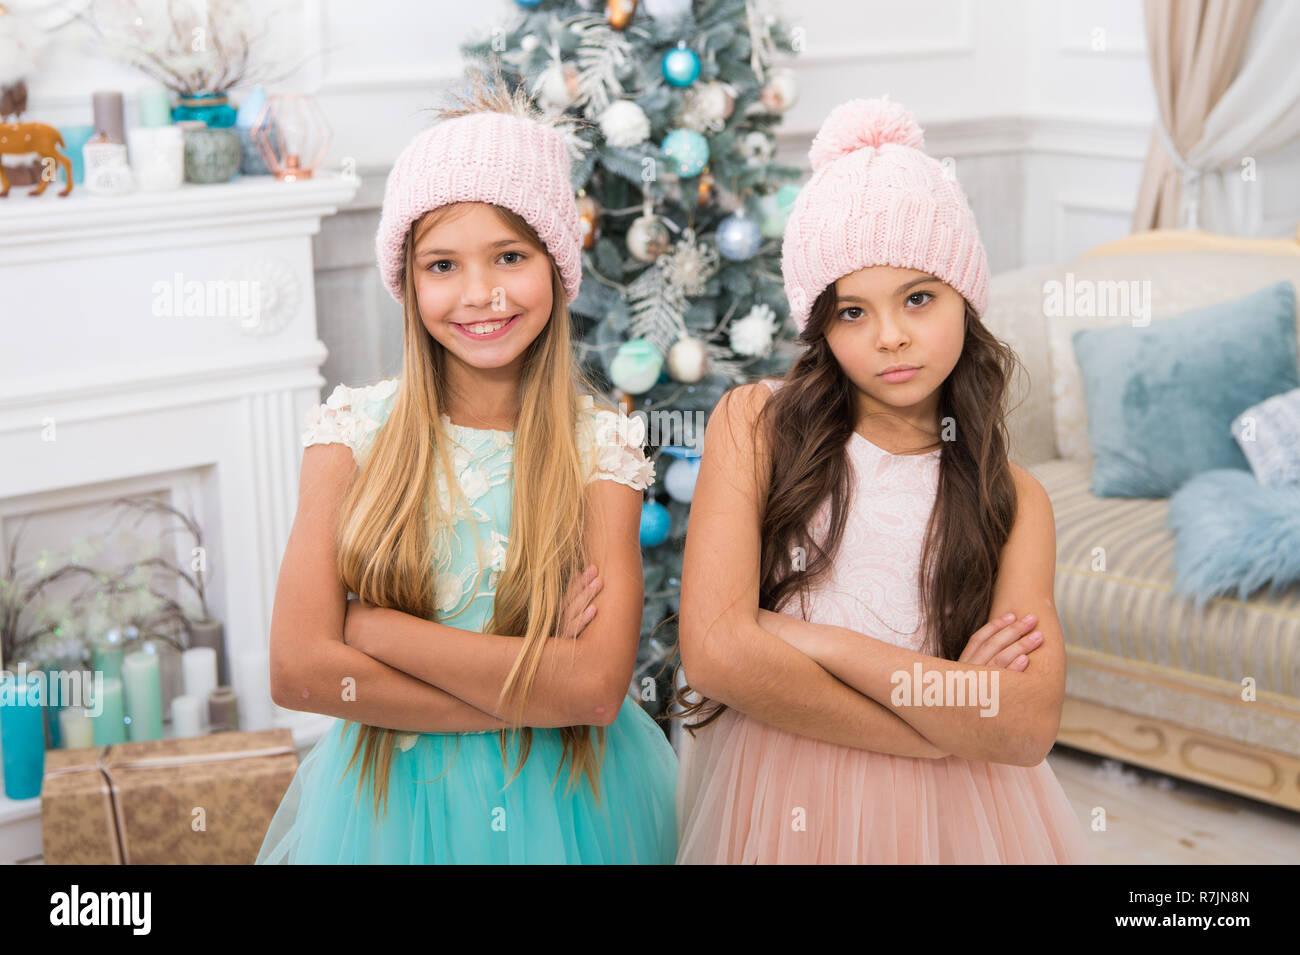 Vacaciones en familia. Cute little girl with niños presentes. feliz navidad  niñas hermanas celebrar 227ceb944cb